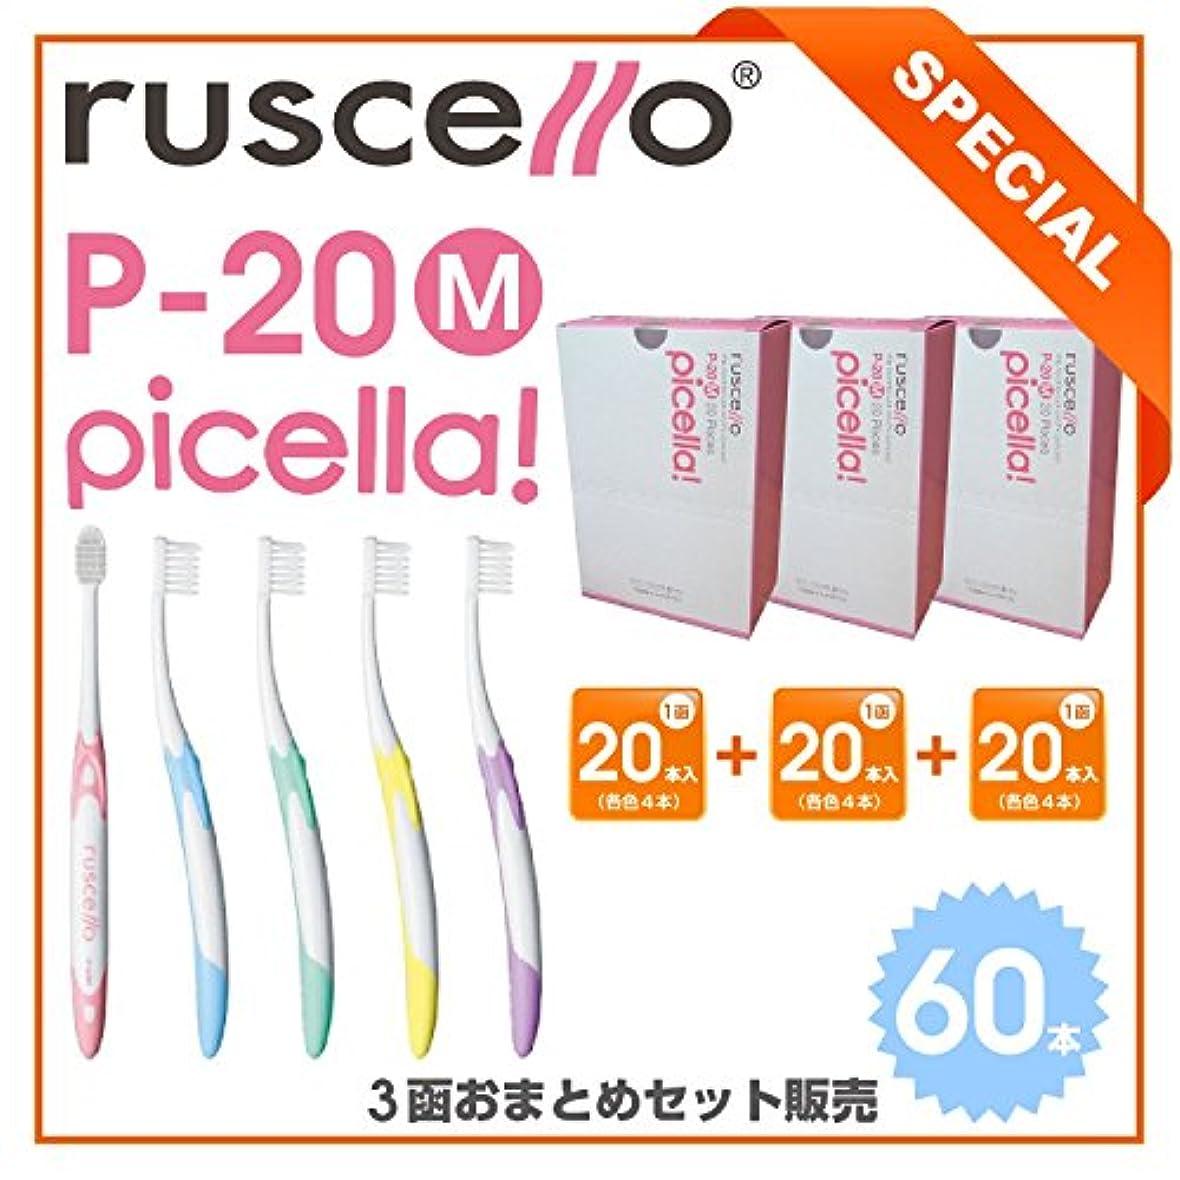 こっそり推定する疾患GC ジーシー ルシェロ歯ブラシ<P-20>ピセラ M ふつう 1函20本入×3函セット